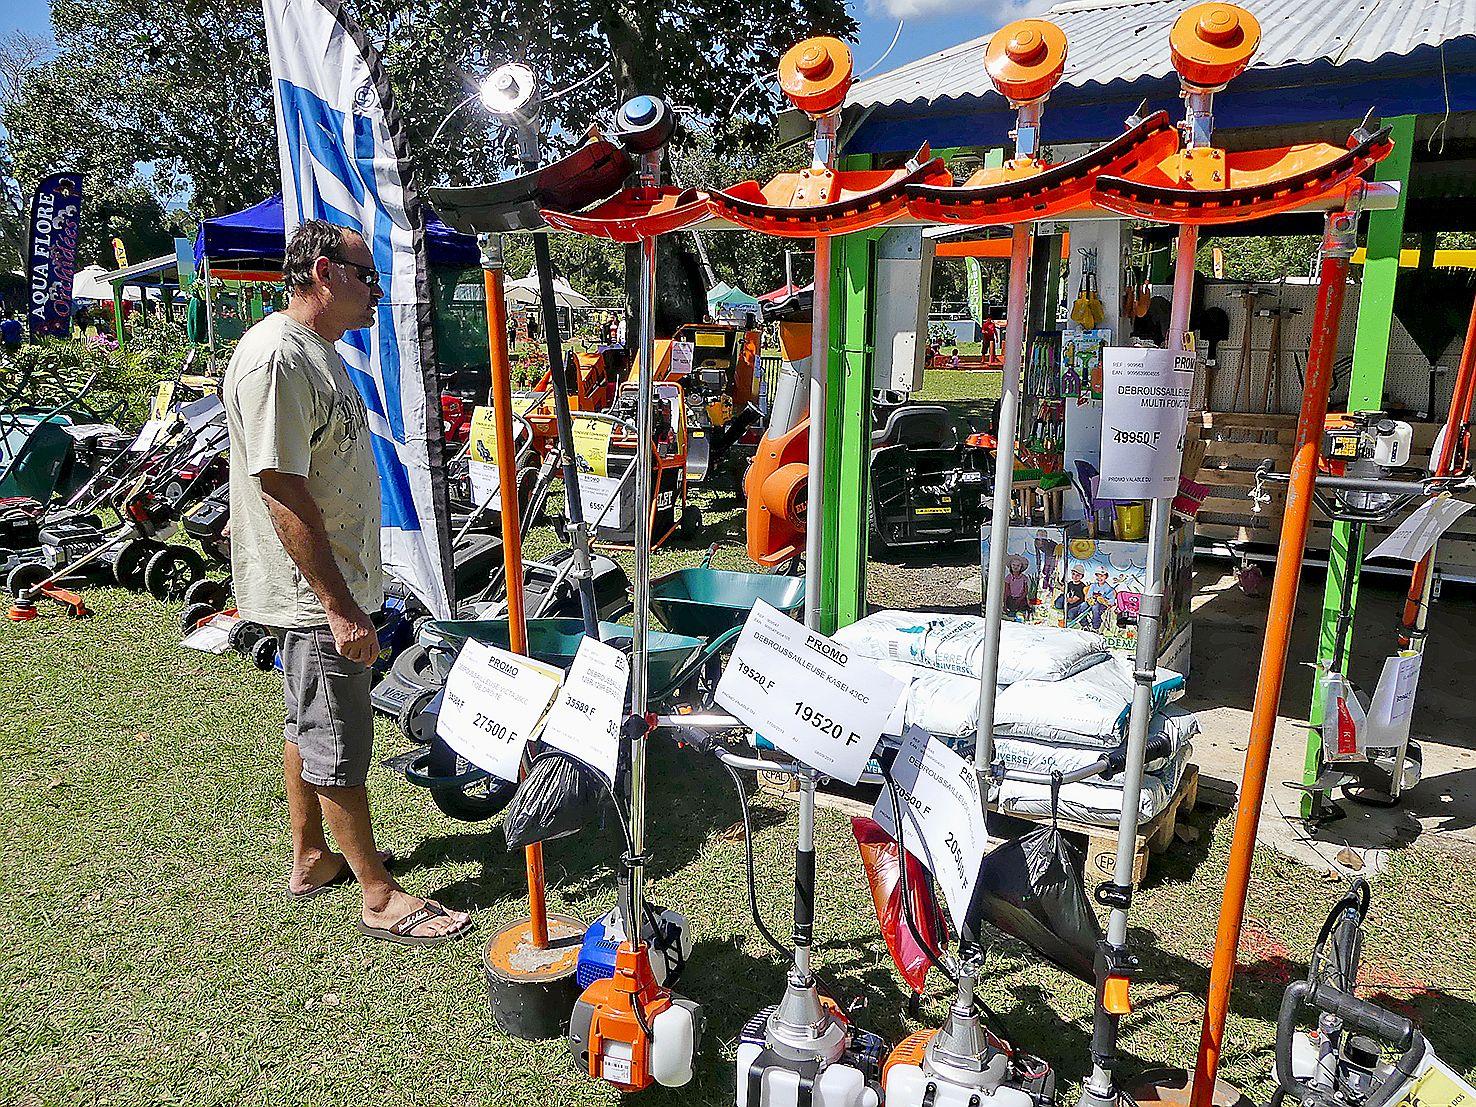 Tracteurs, tondeuses autoportées, débroussailleuses, mini-pelles rétro, selon les visiteurs habitués de la manifestation, l'outillage prend une part croissante sur les étals.